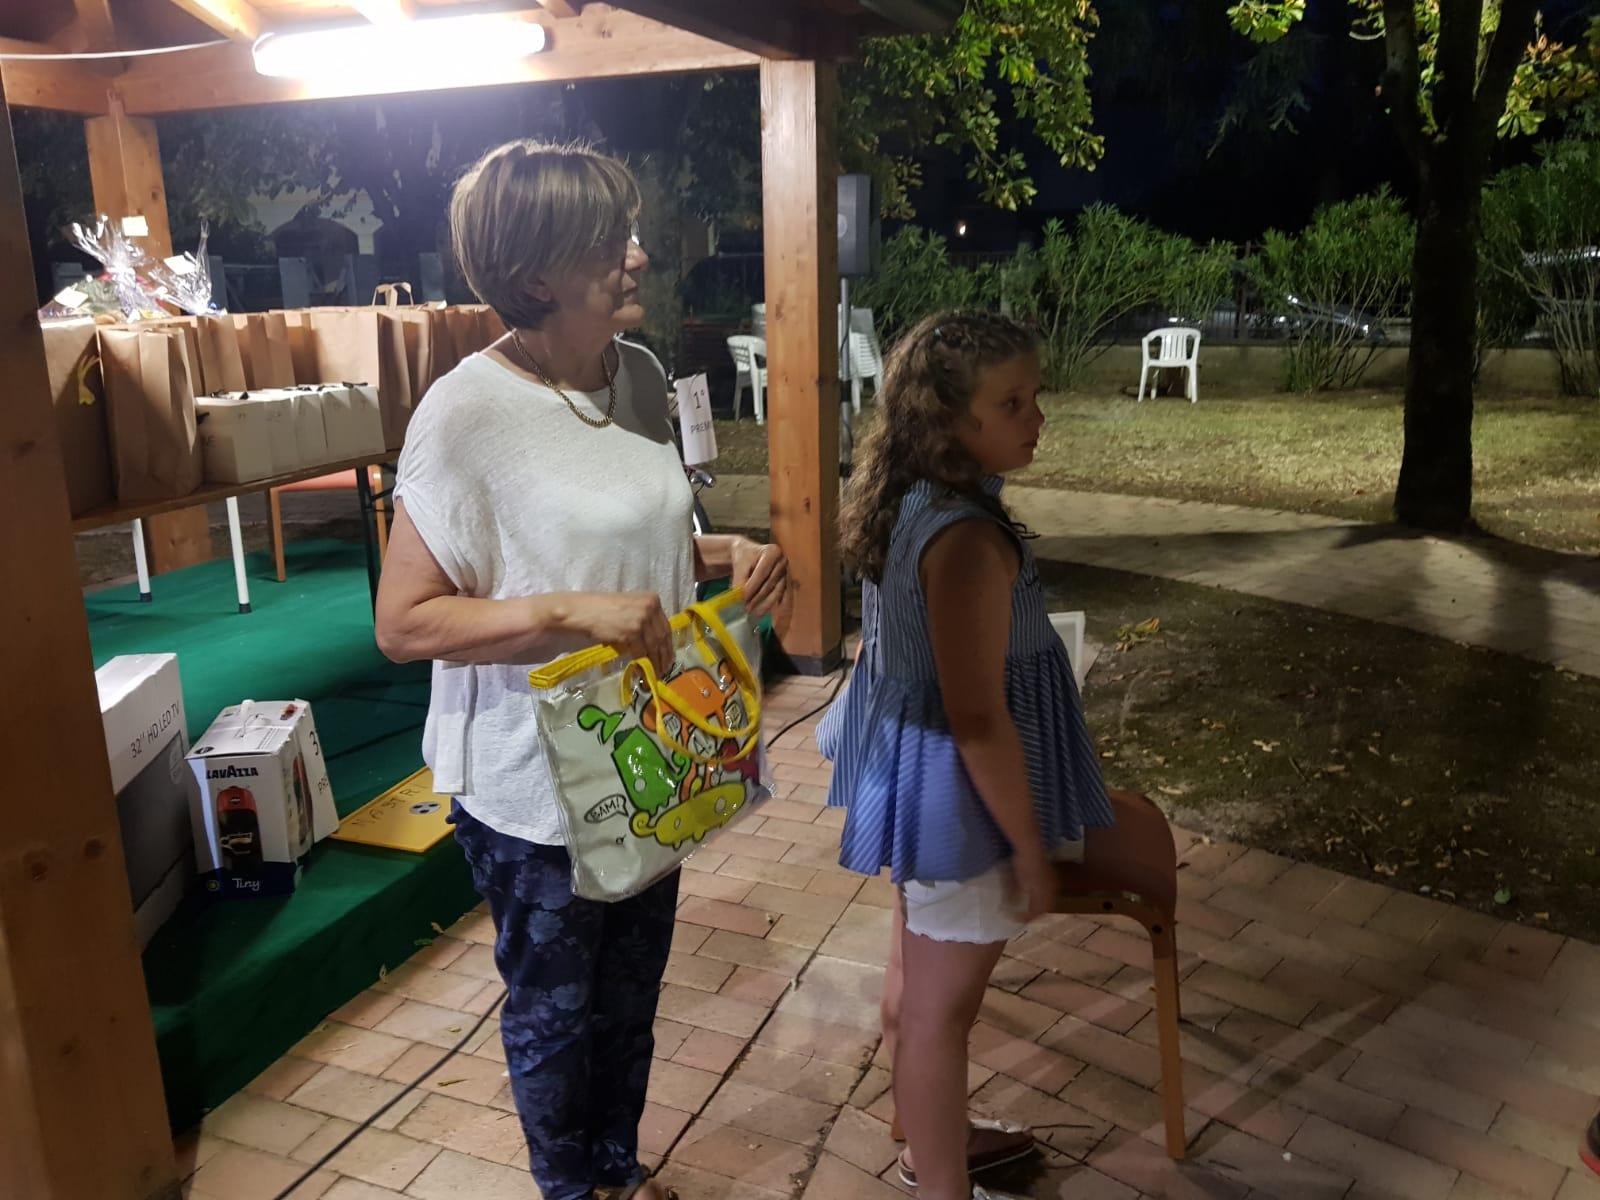 Festa S. Anna 2019 - Cena Lotteria (69)